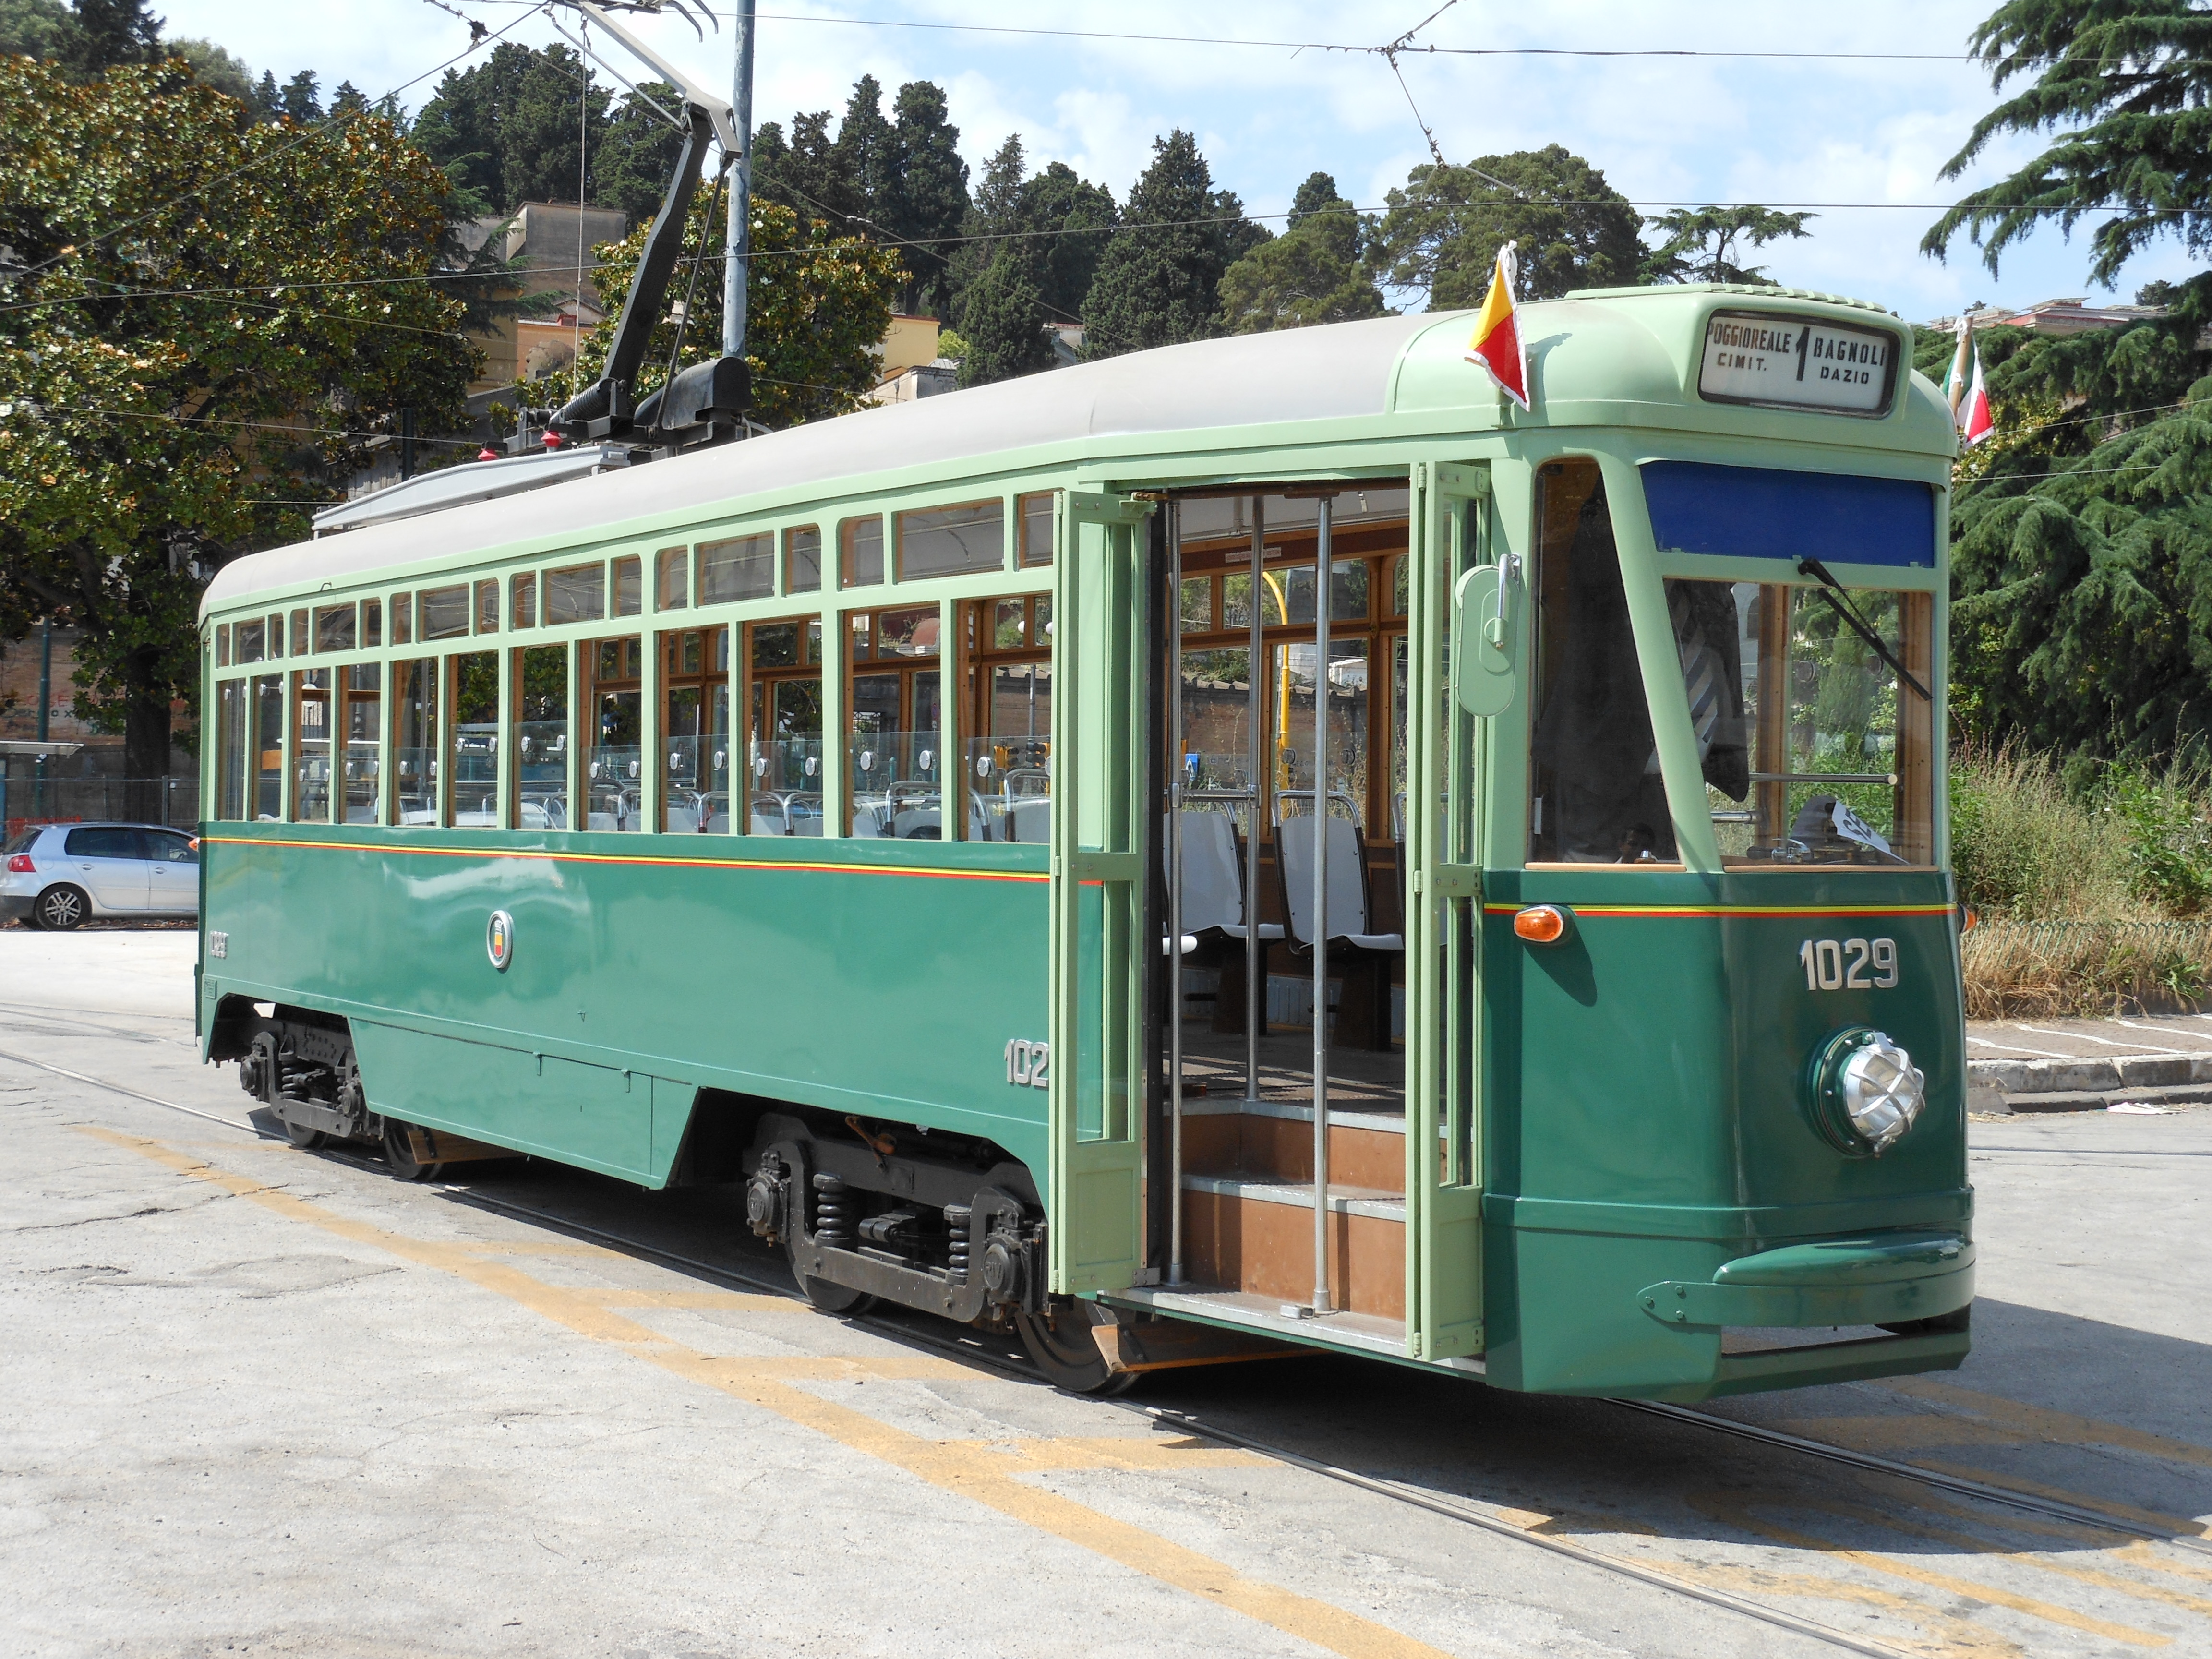 File:Tram 1029 Poggioreale.jpg